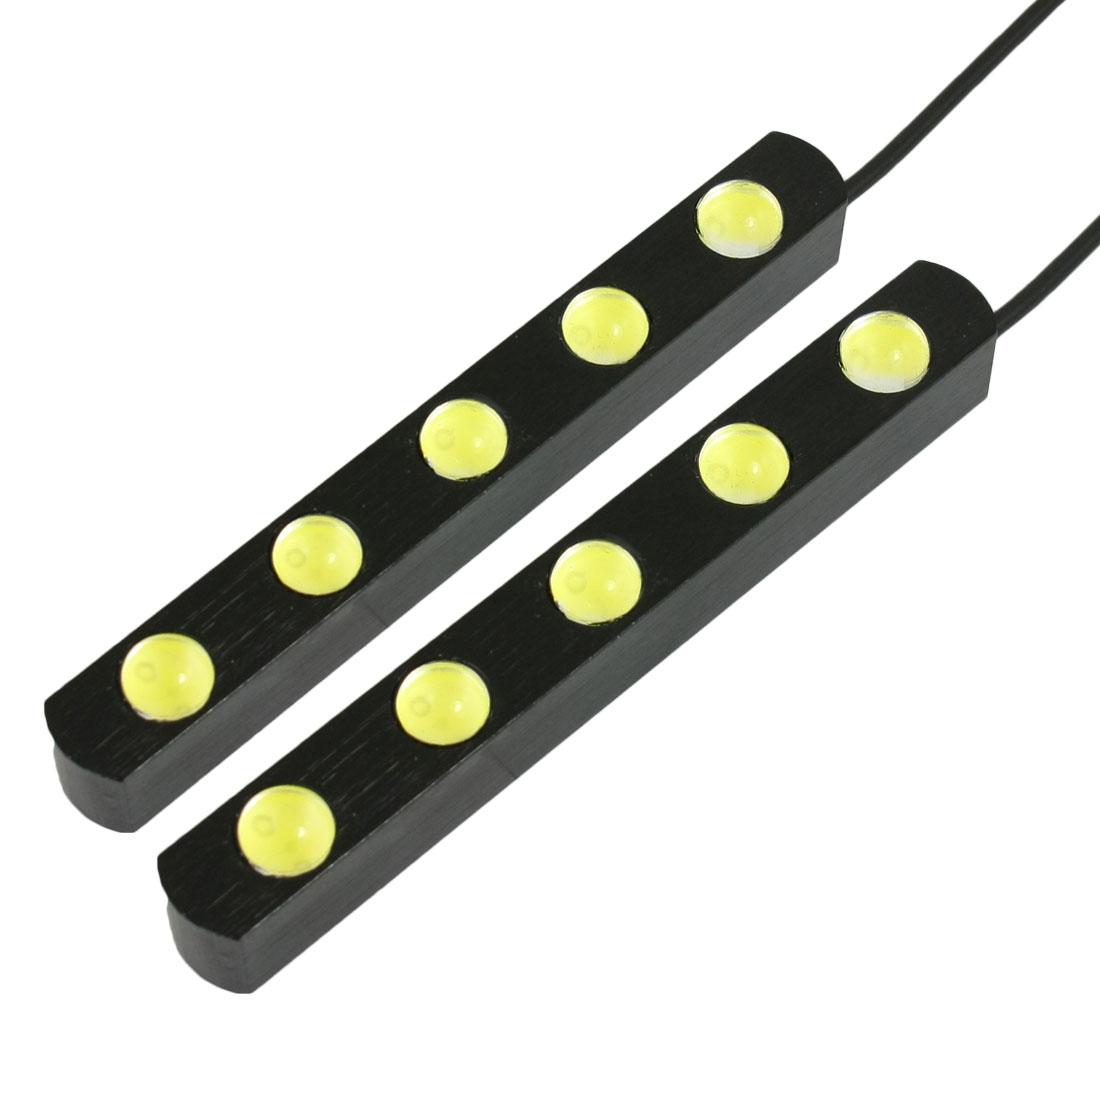 2 Pcs White 2x5 LEDs 0.5W Car DRL Daytime Running Light Lamp